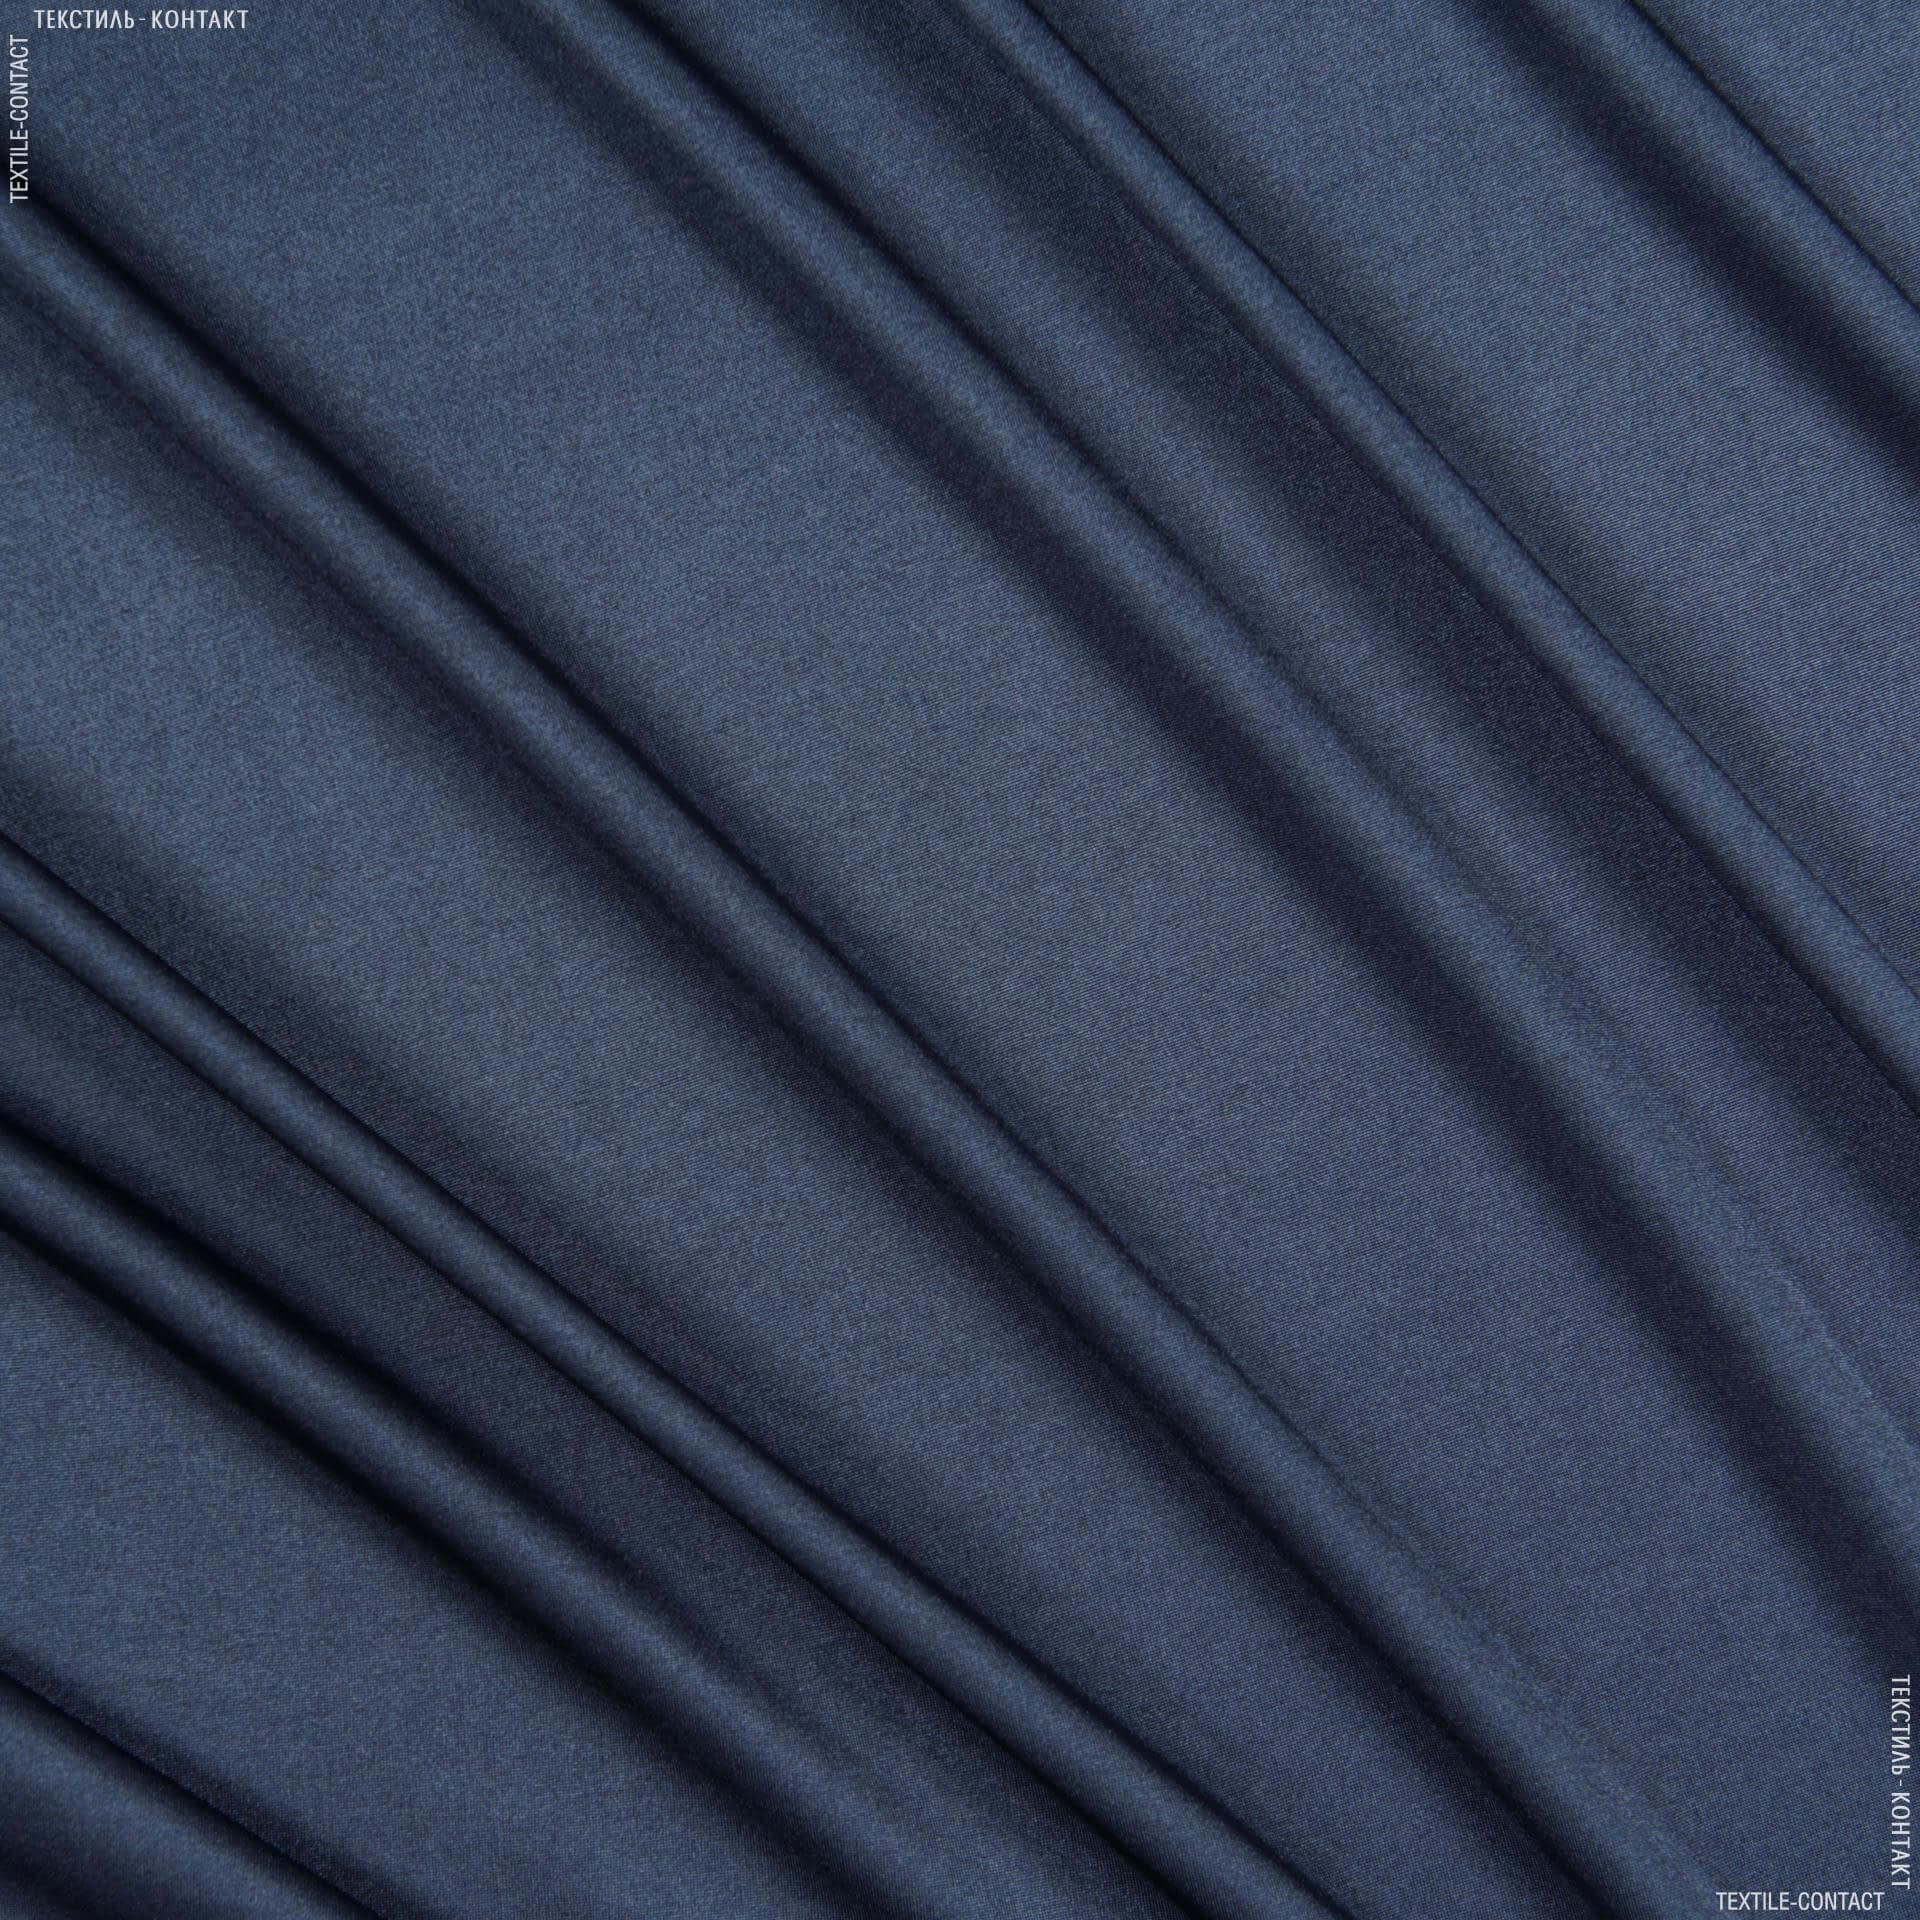 Ткани для платьев - Трикотаж жасмин тонкий темно-синий